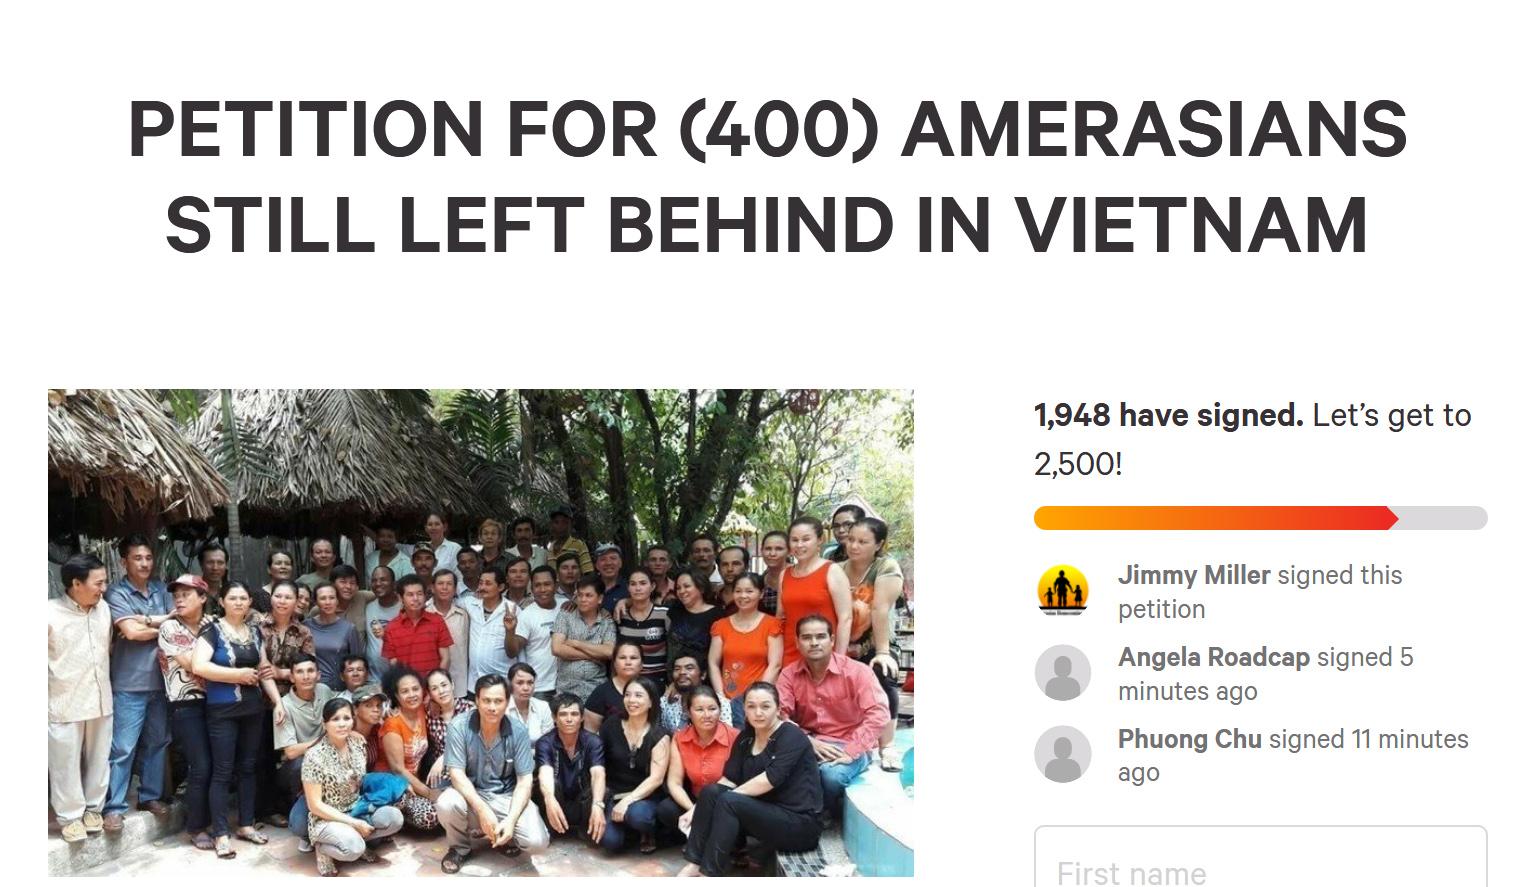 AWB kêu gọi Hoa Kỳ cấp visa cho những người con lai còn tại Việt Nam